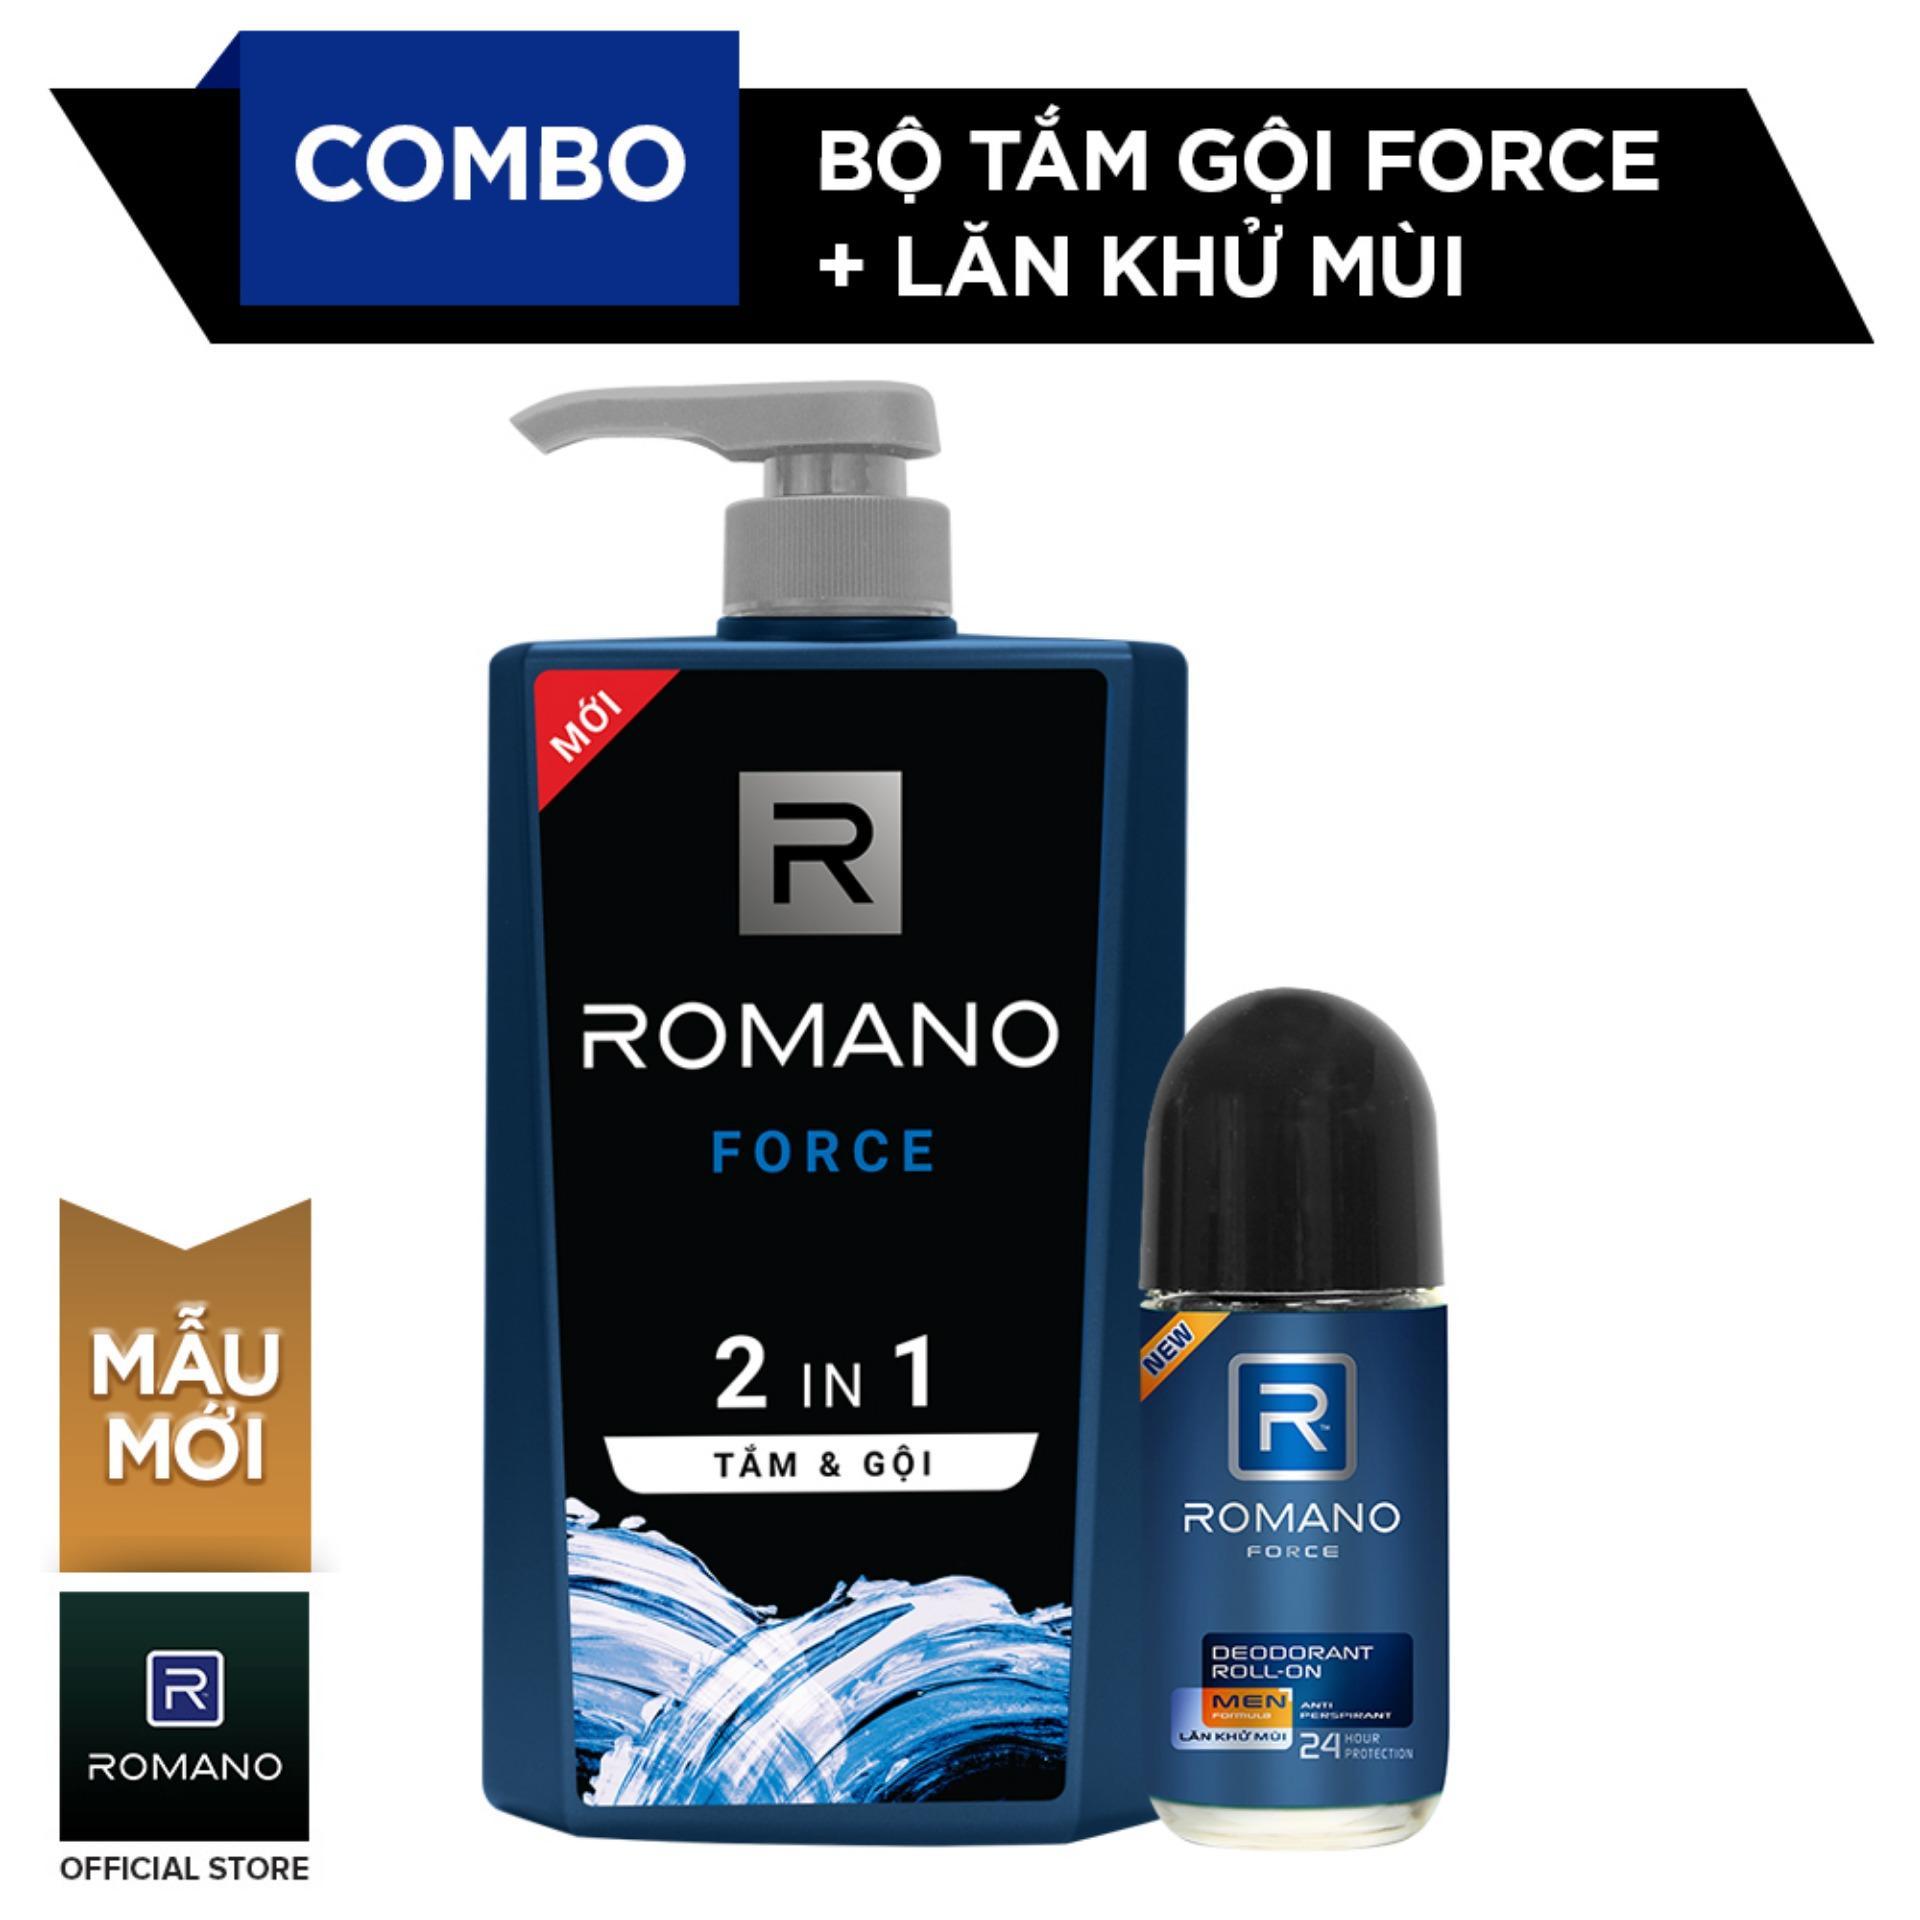 Combo Lăn khử mùi Romano Force Dầu gội toàn thân 2 trong 1 và Lăn khử mùi 50ml